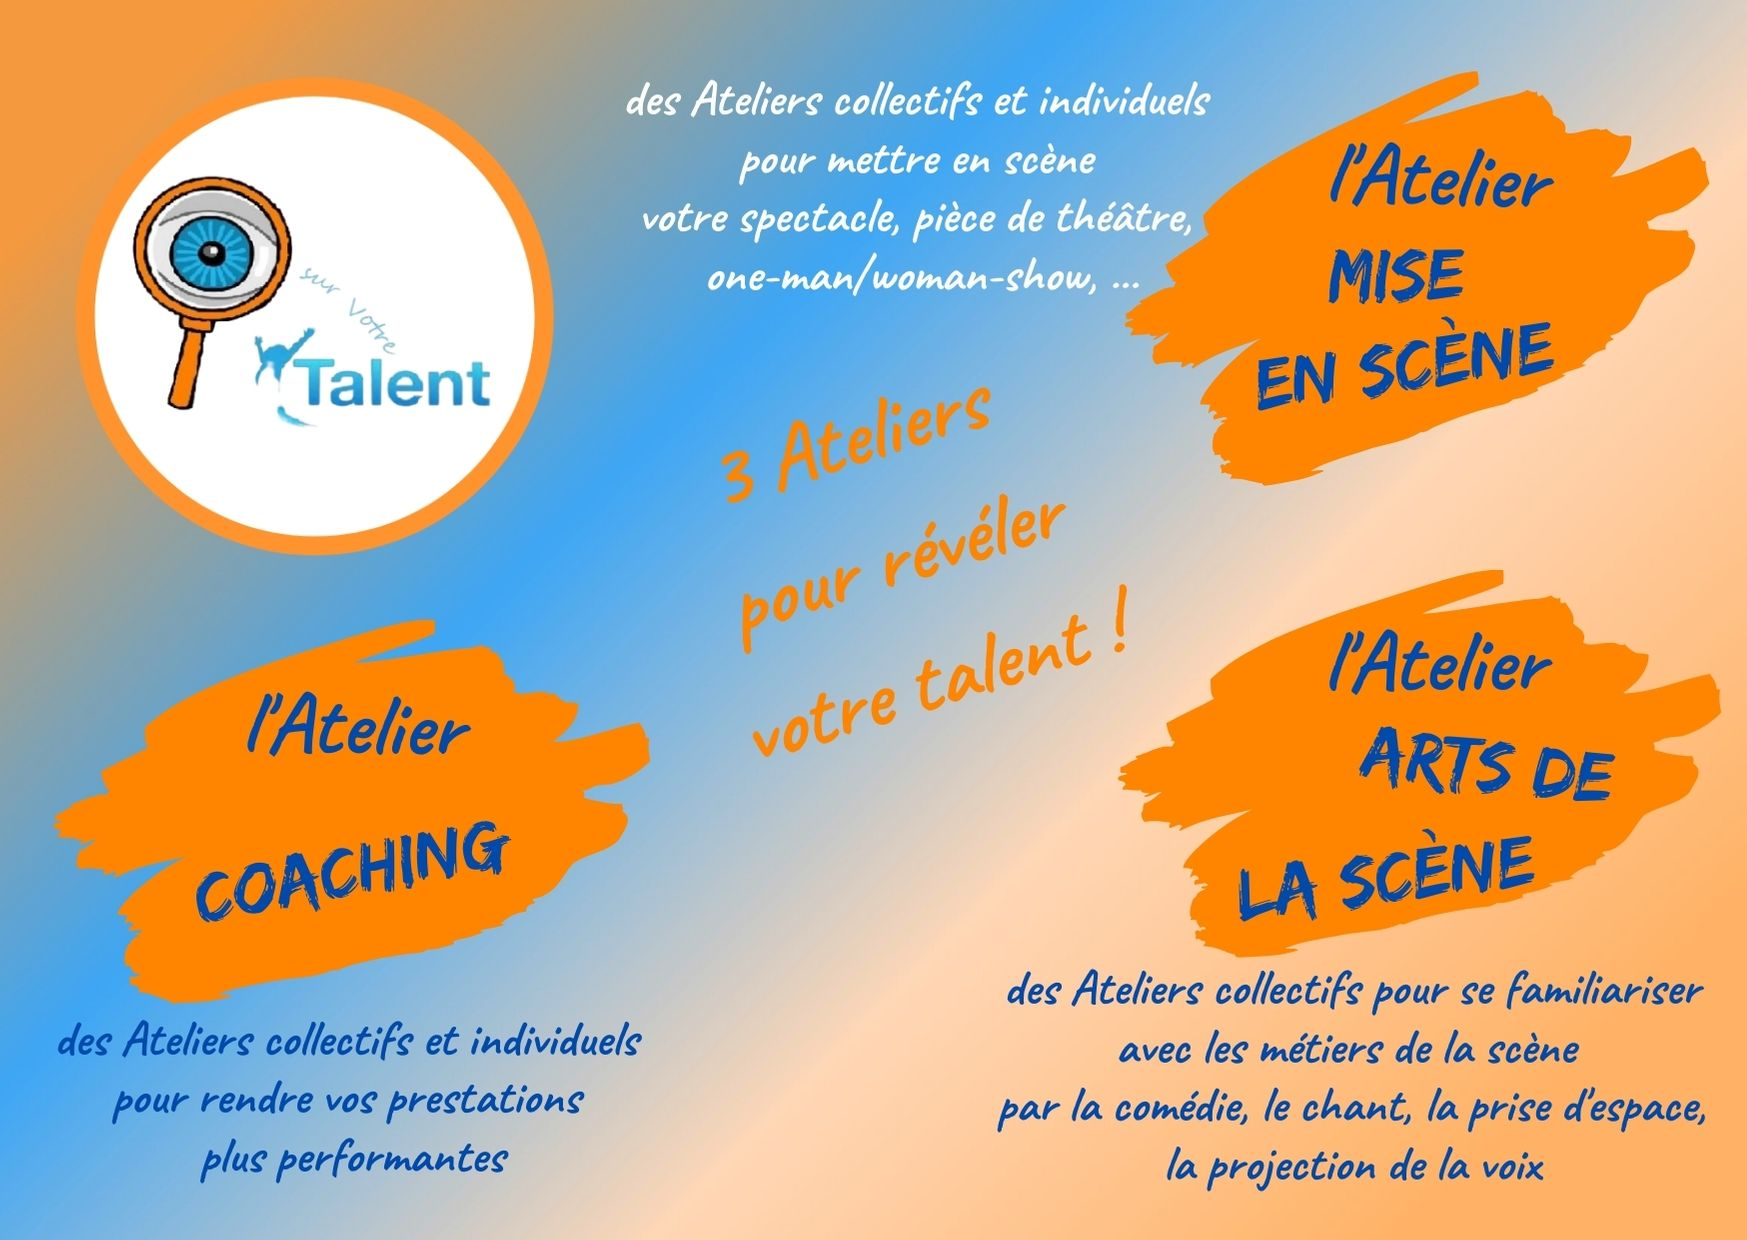 L'oeil sur votre talent